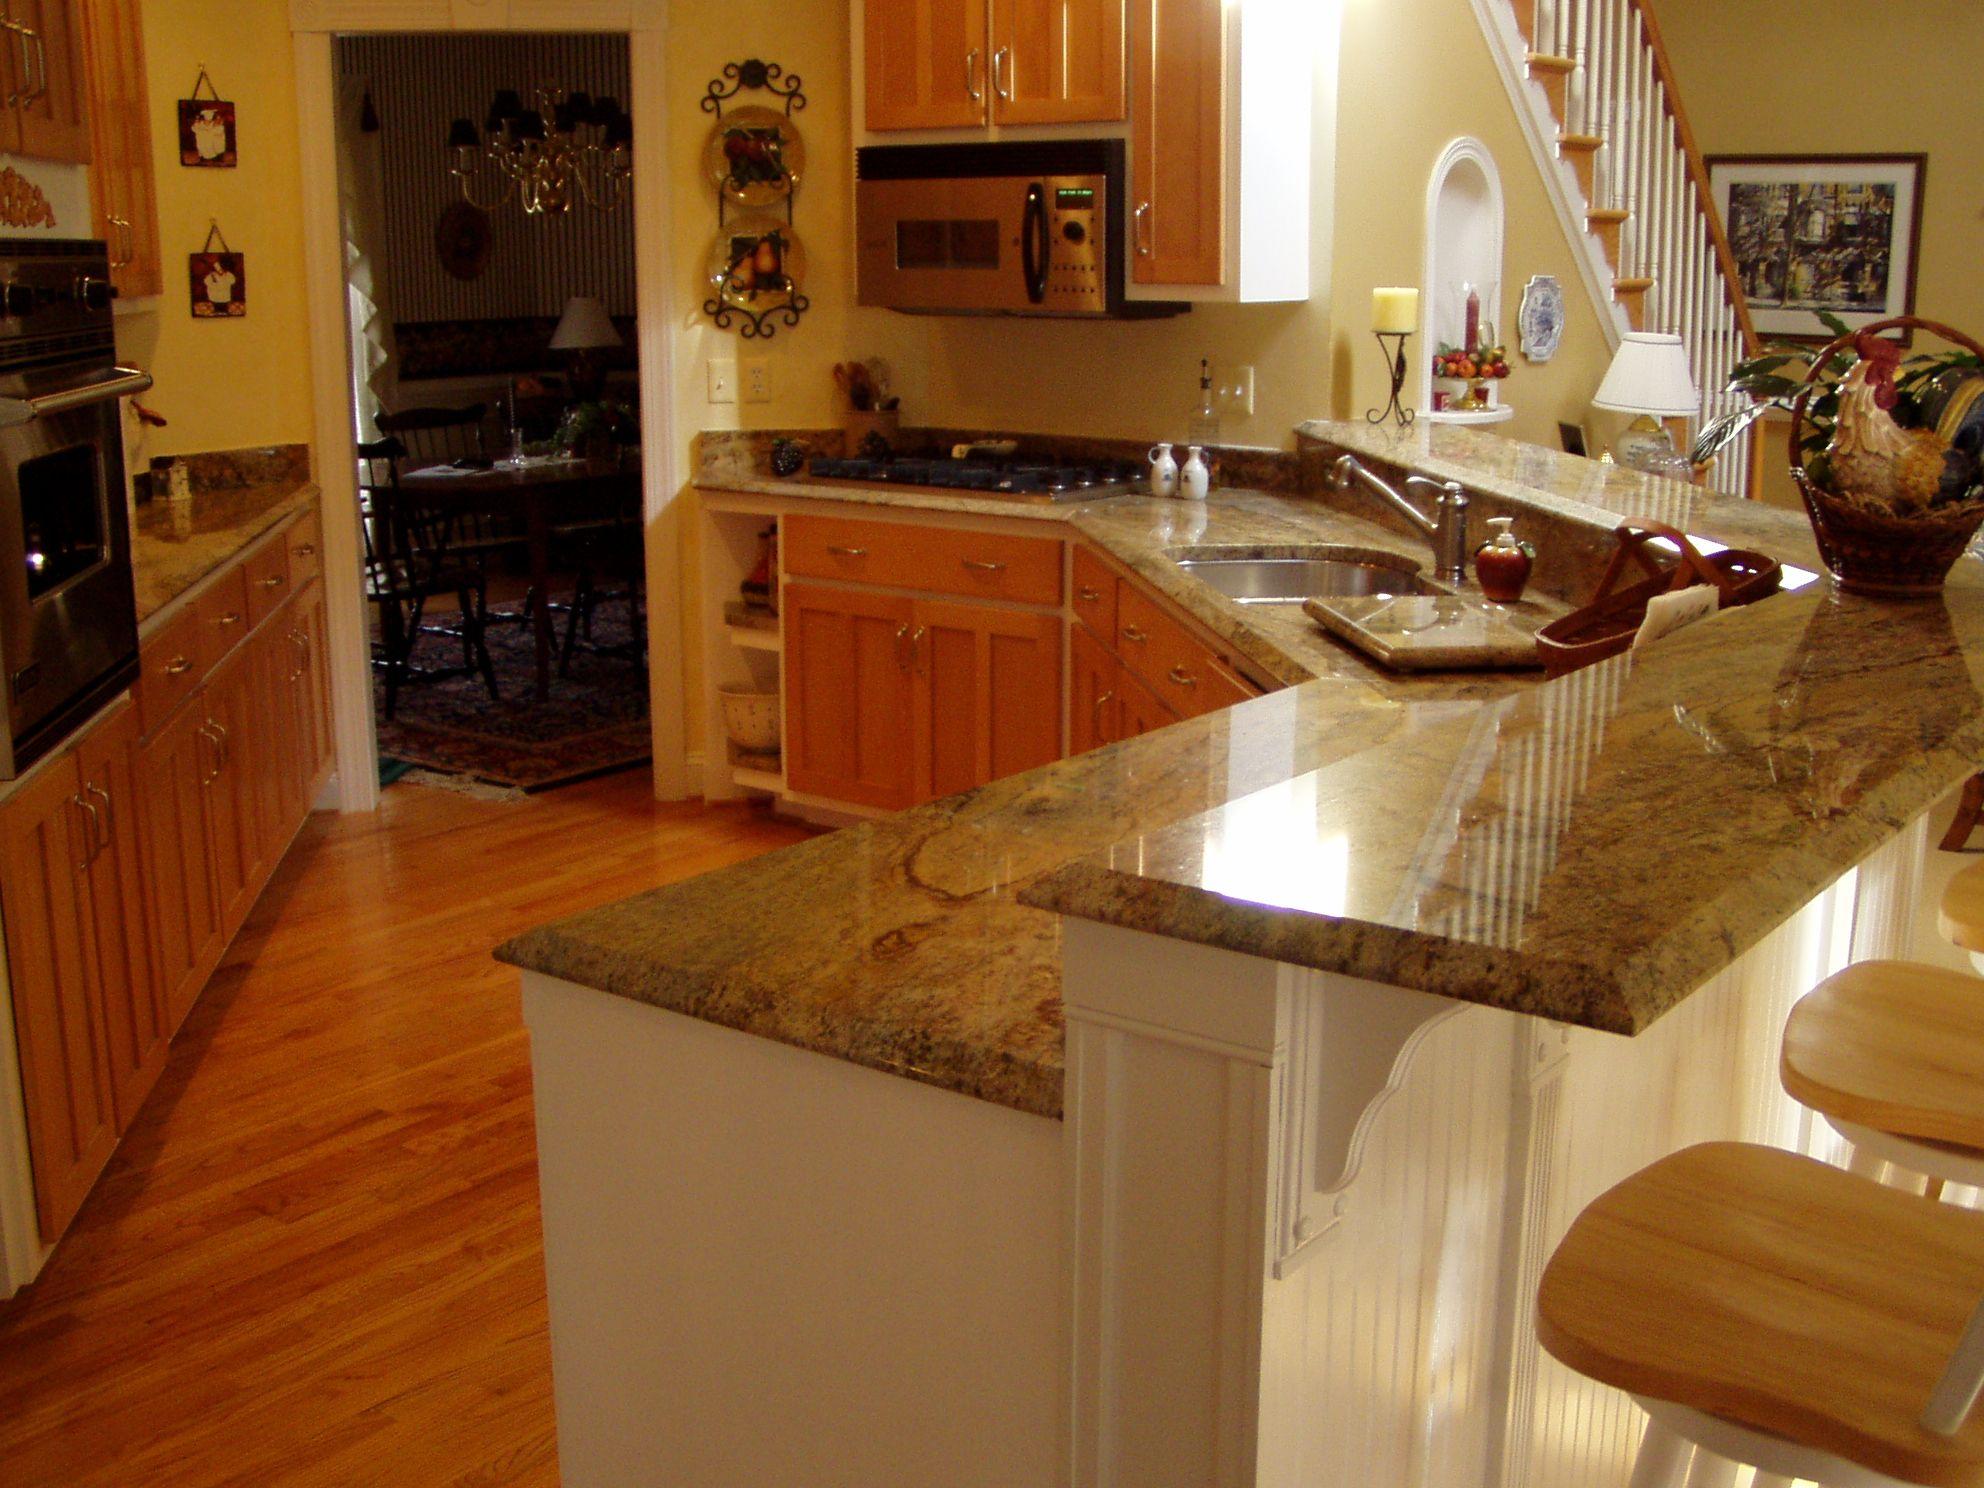 Formica Countertops That Look Like Granite | Gold Granite Countertops «  Capitol Granite